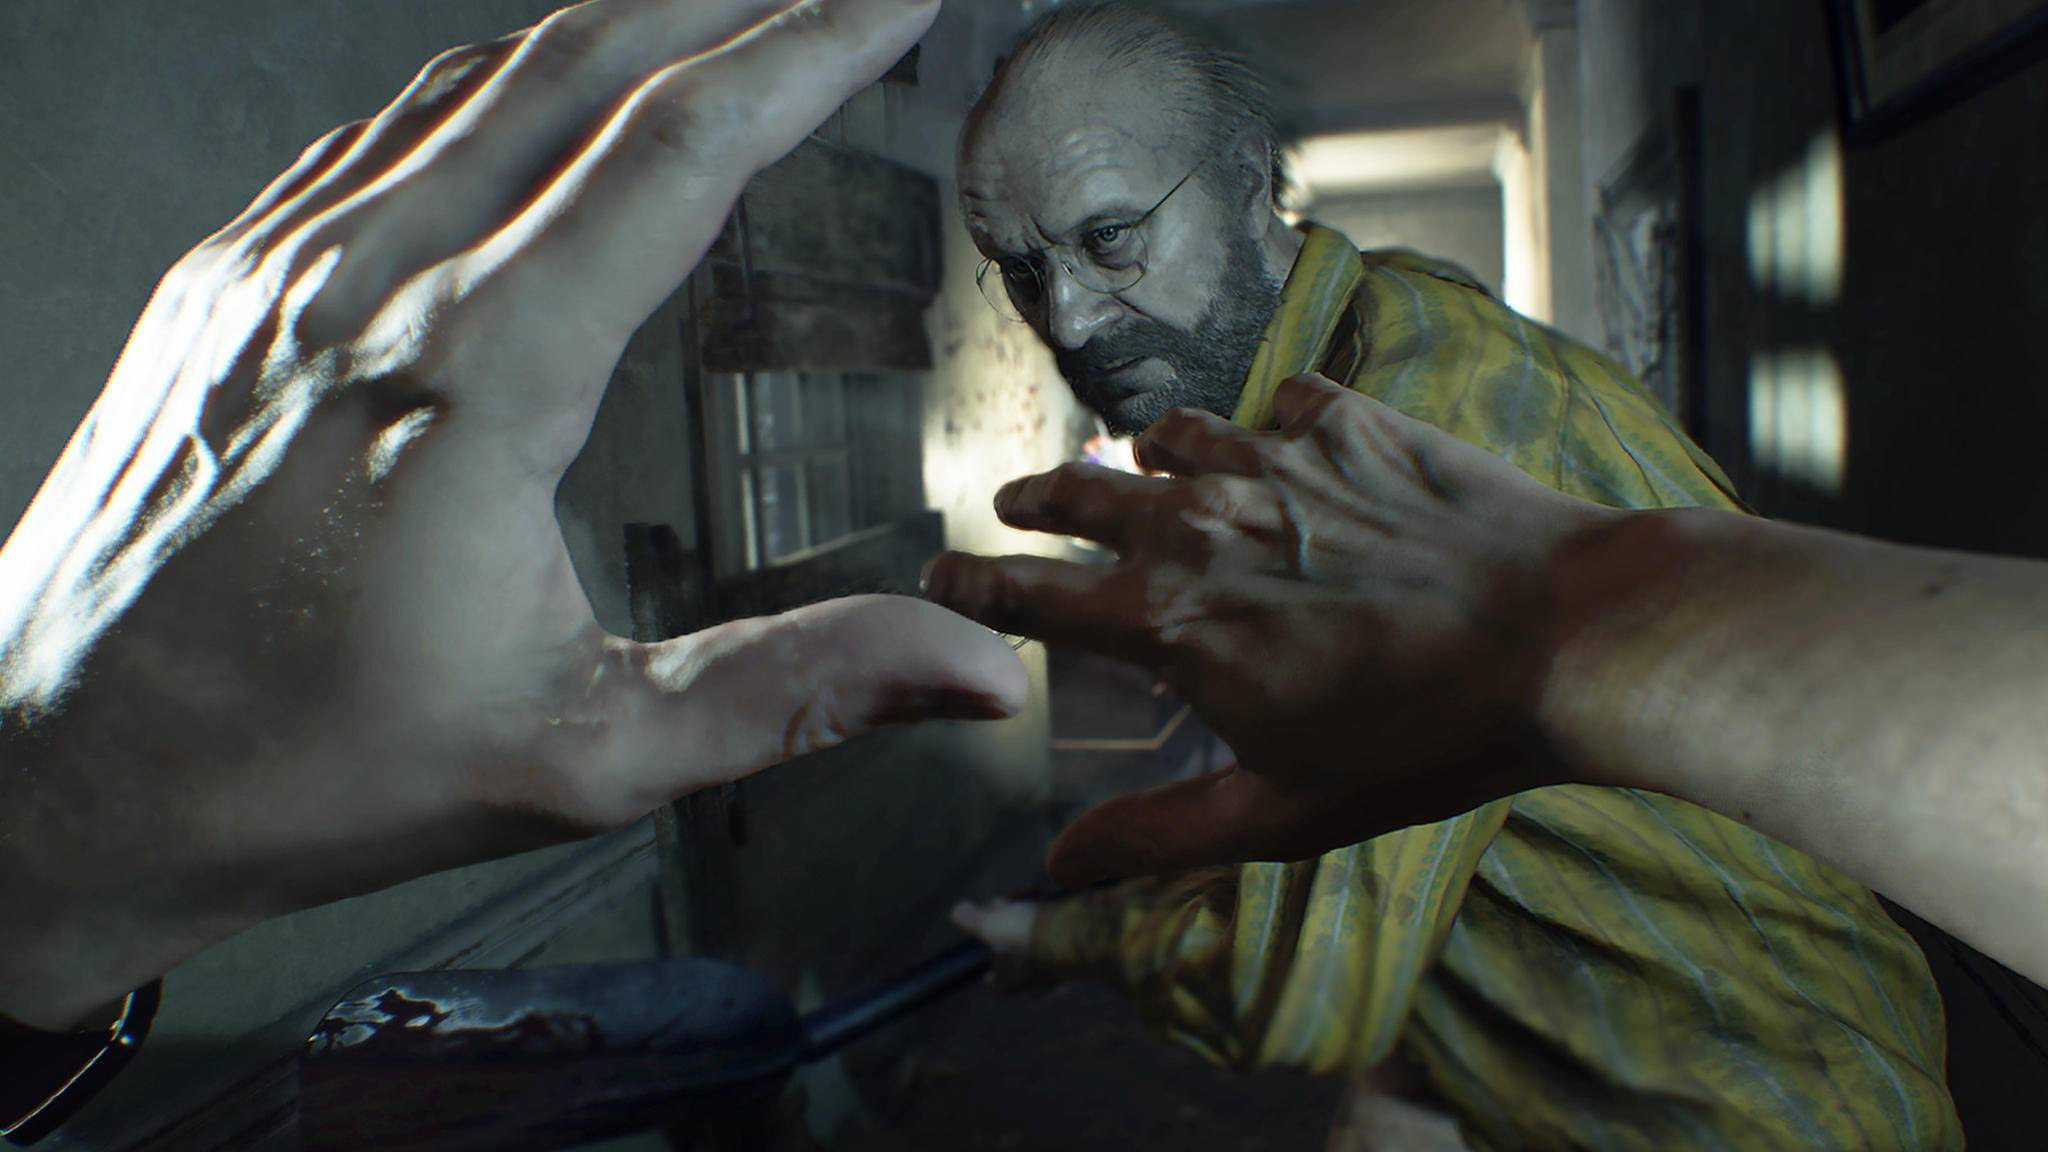 """Nach """"Resident Evil 7"""" noch immer nicht genug von Horror-Spielen? Dann schau mal in unsere Liste!"""